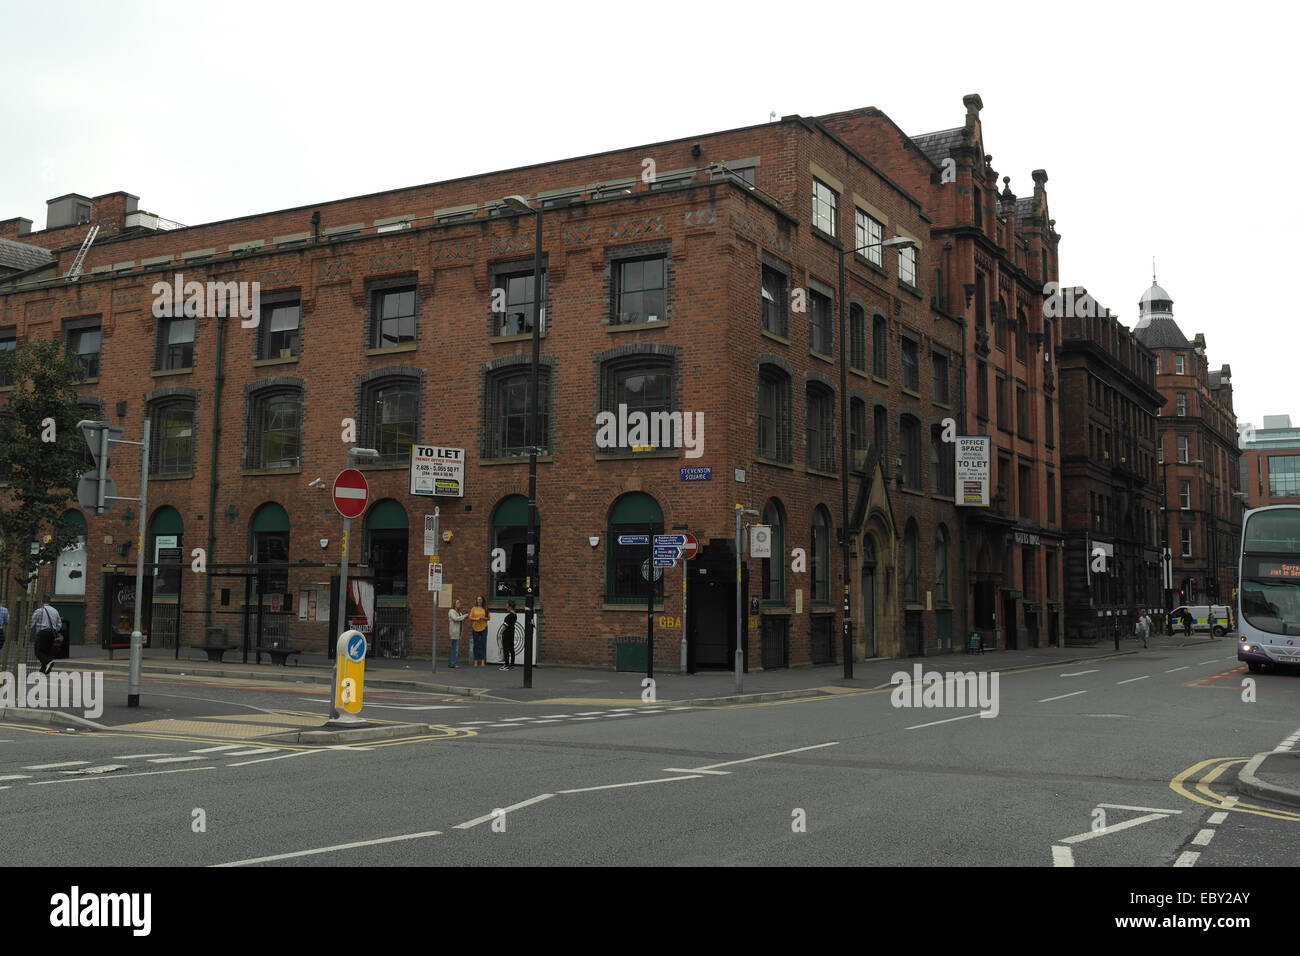 Cielo gris ver gran almacén antiguo edificio de ladrillos rojos 10d5d35bdfd